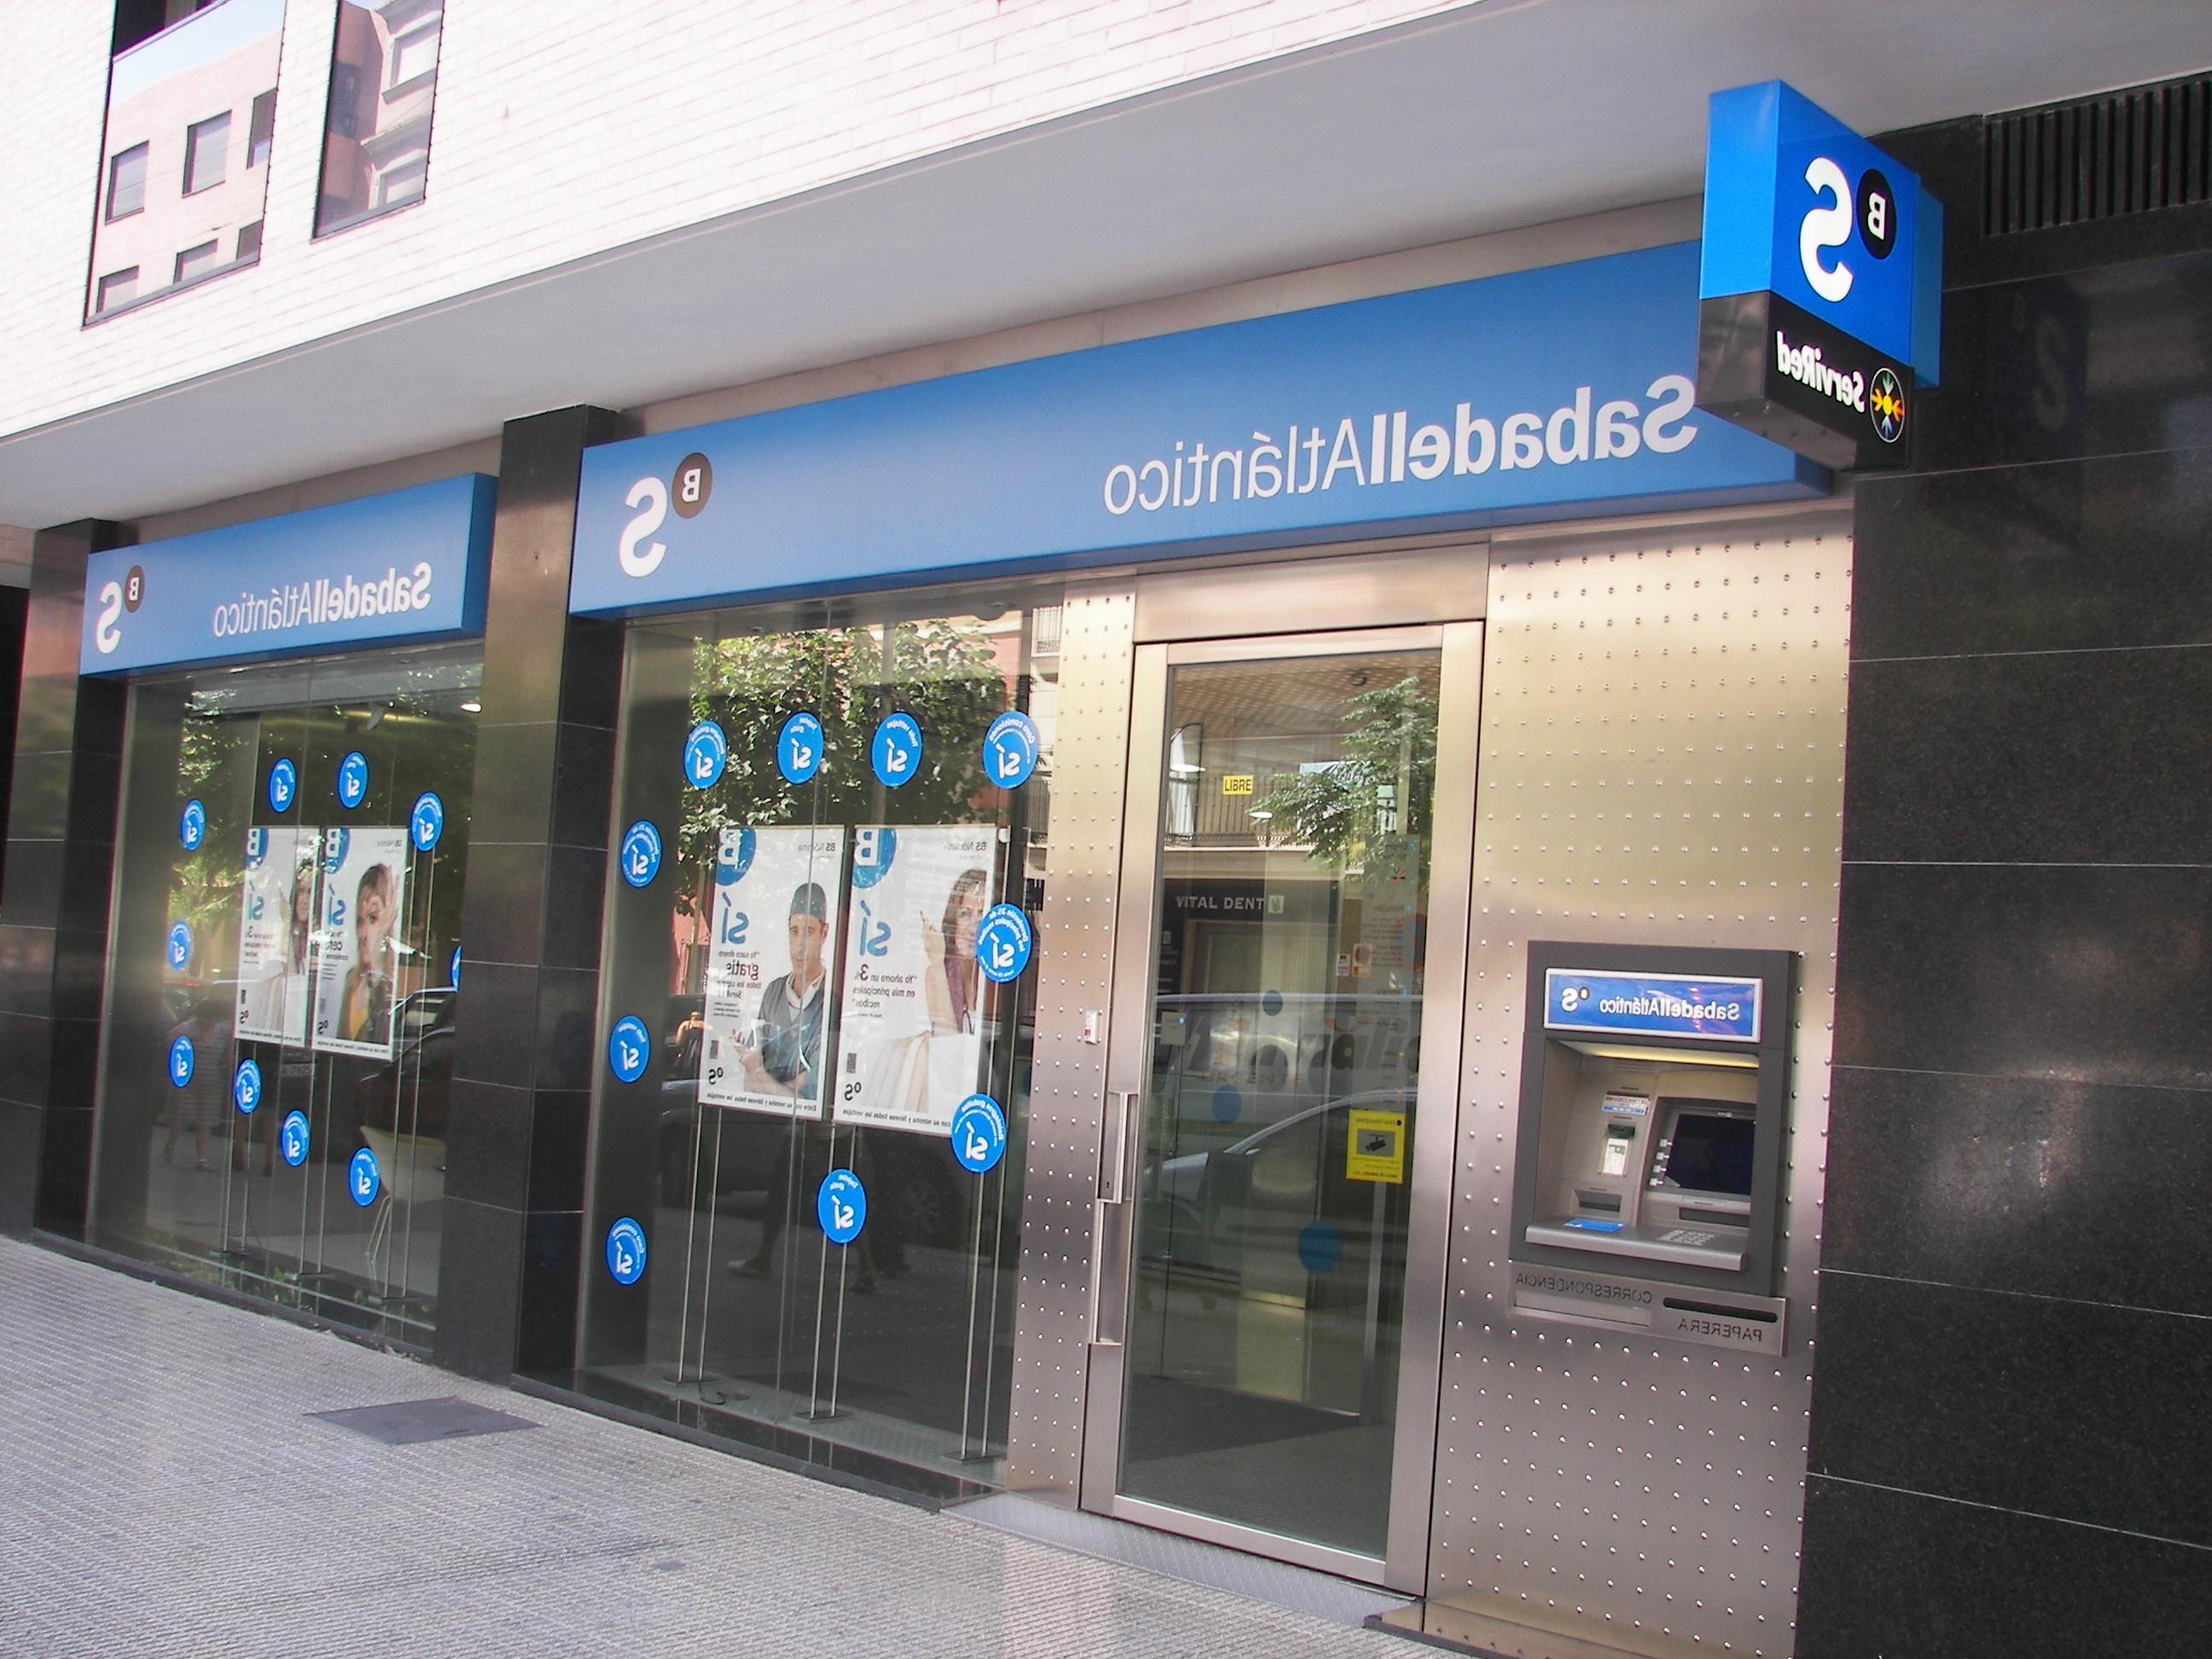 Banco Cam J7do Banco Sabadell Da Por Hecho Que La Pra De Cam Se Retrasarà Hasta